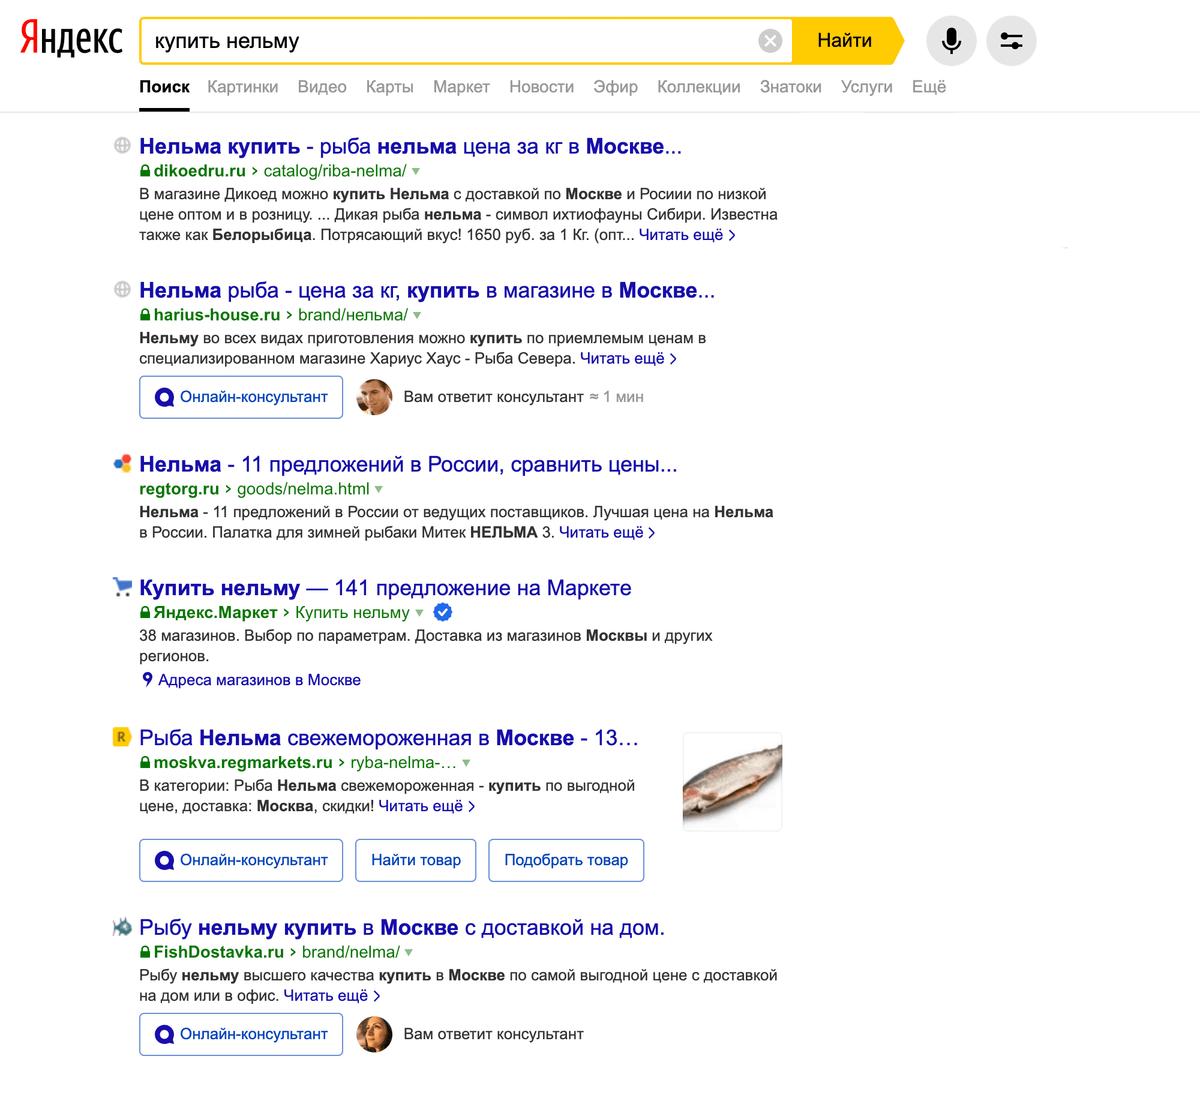 Два из трех рыбных магазинов на первой странице Яндекса принадлежат Сергею. Через таких «конкурентов» он продает своюже рыбу